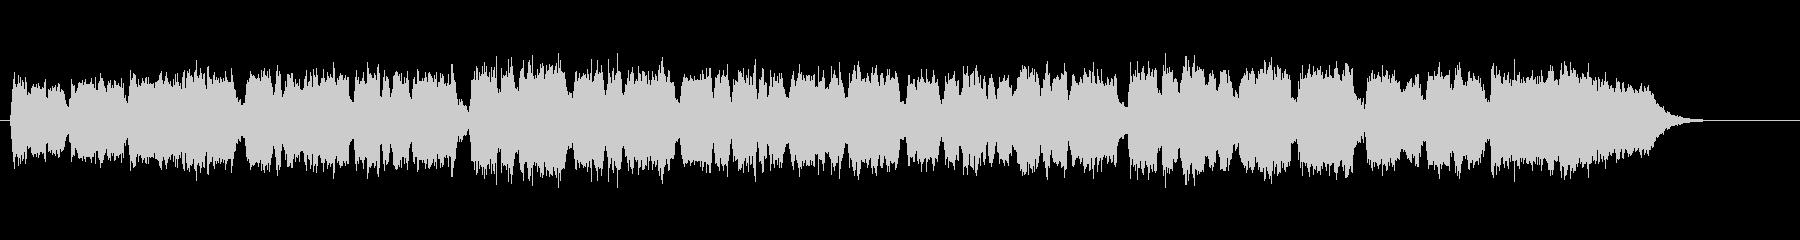 『きよしこの夜』パイプオルガン演奏の未再生の波形